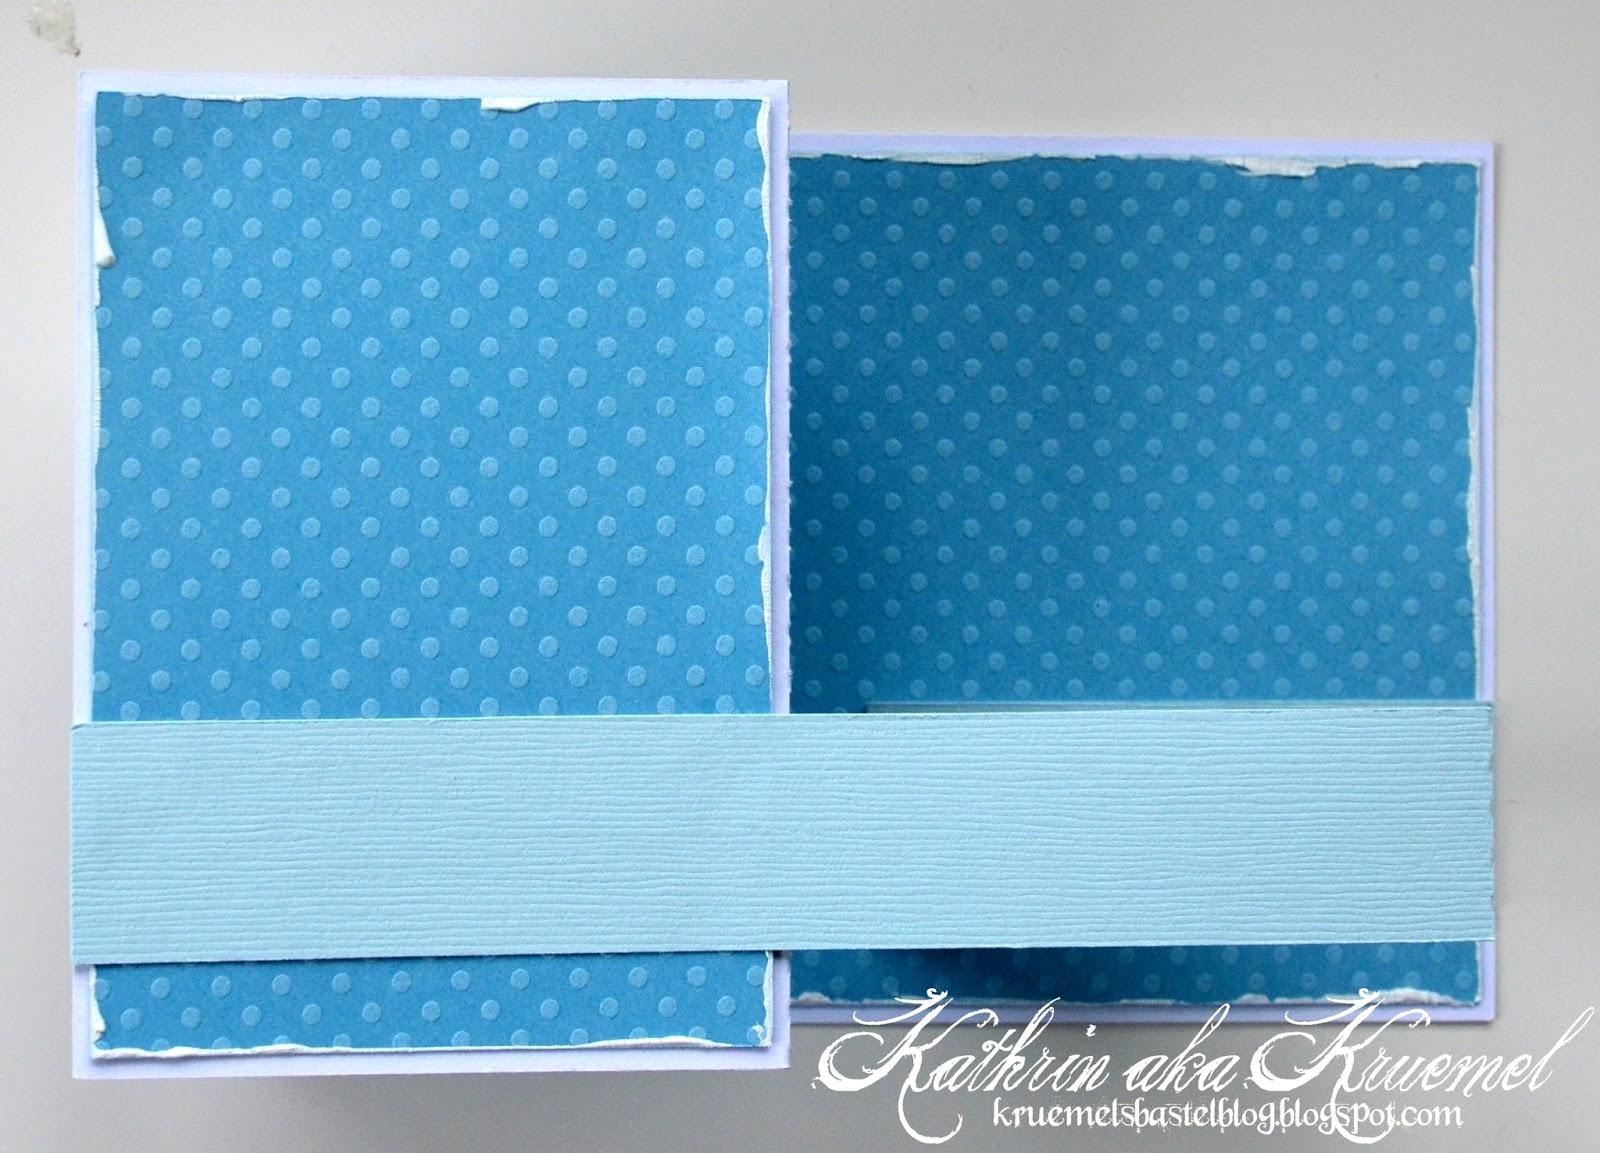 Stempeleinmaleins: Eine Pop Up Box in einer Karte - Pop Up Box in a card